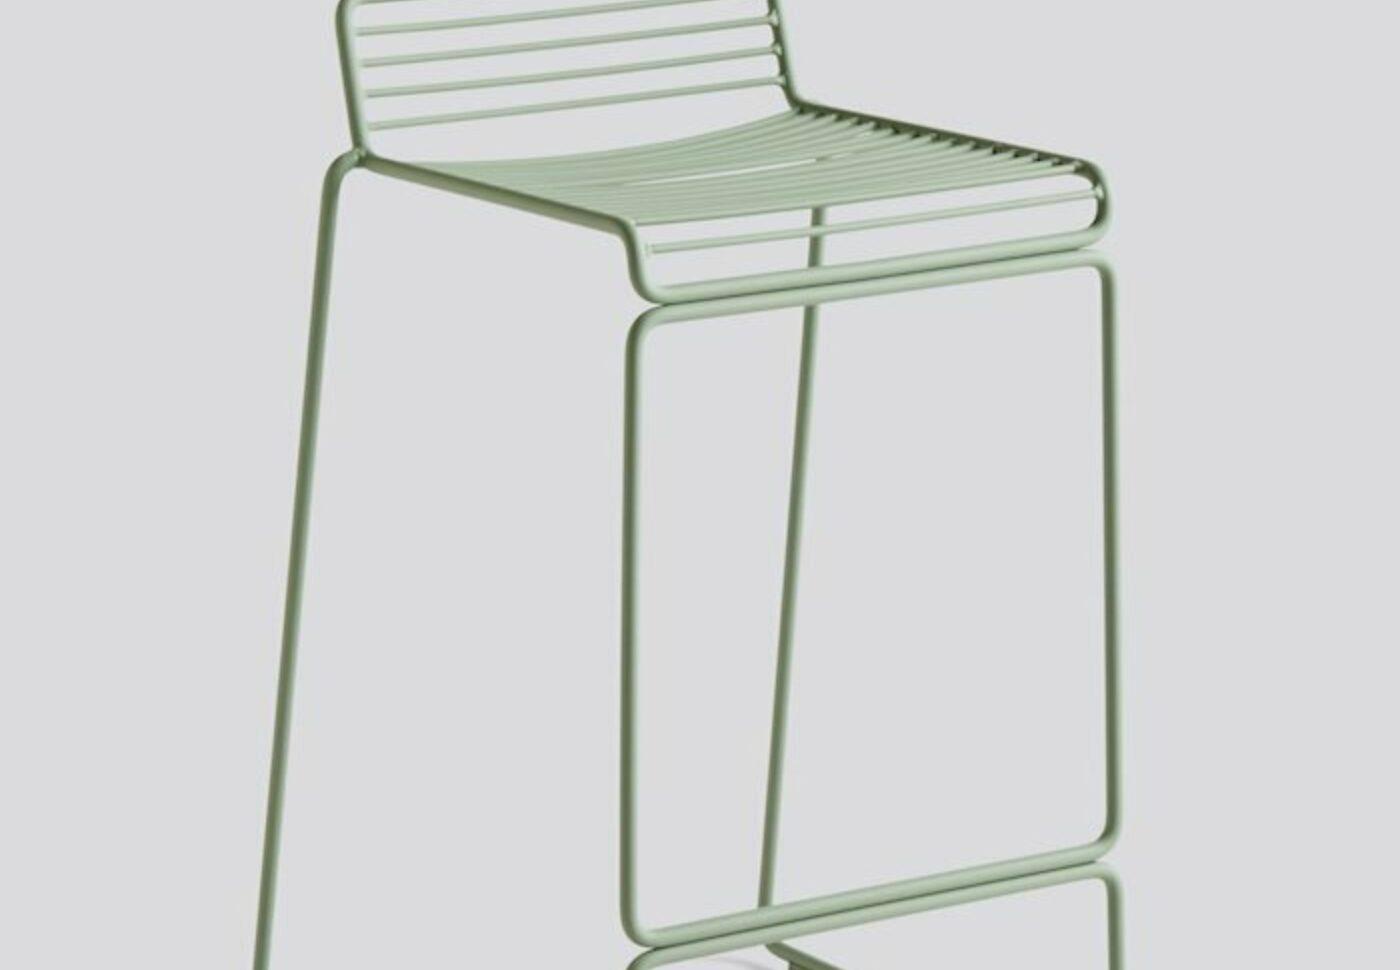 1027012509000zzzzzzz hee bar stool low fall green gb 910x1100 brandvariant